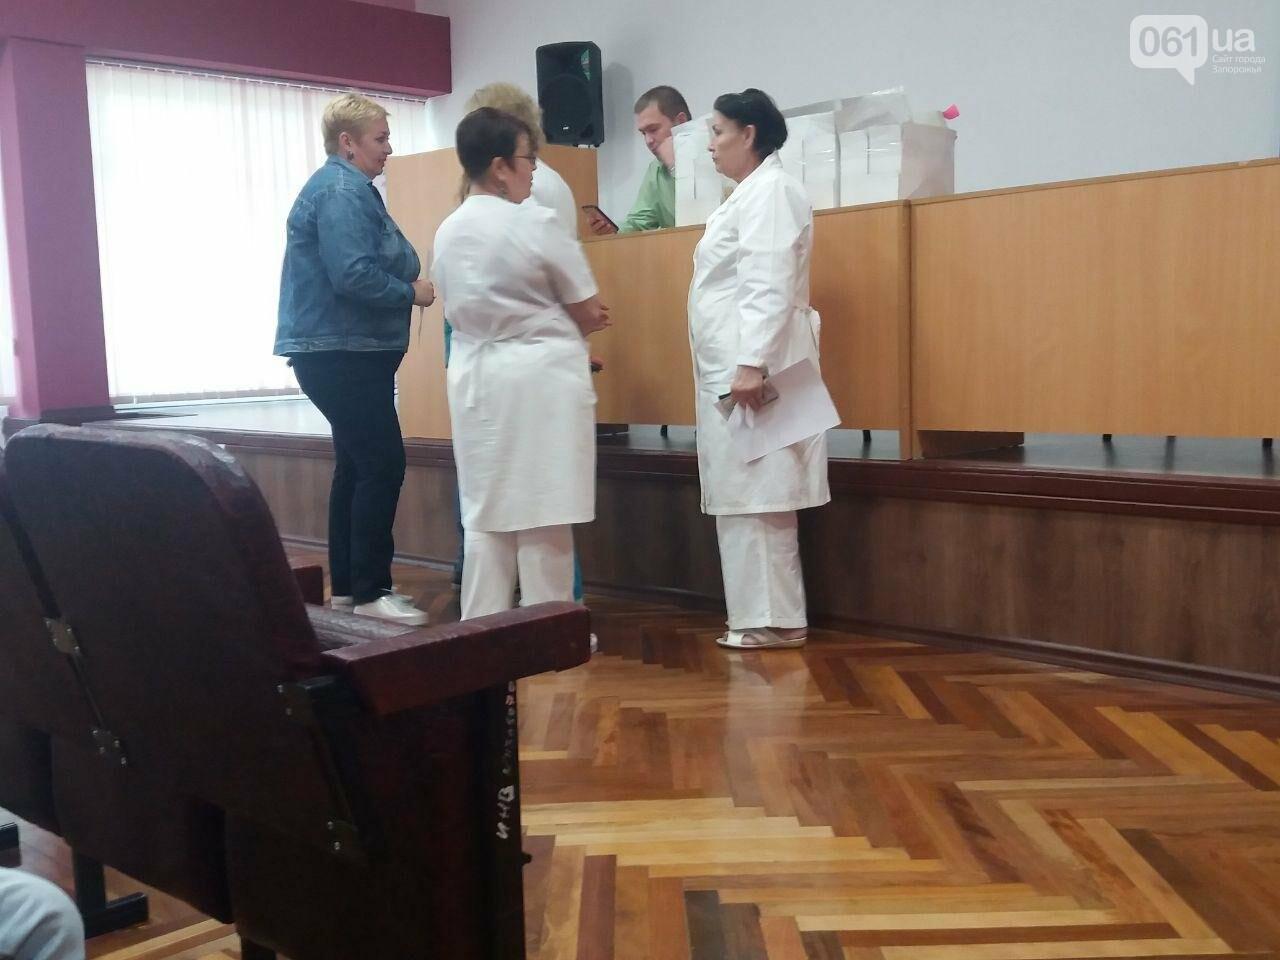 «Все равно никуда не денетесь»: медиков запорожской больницы переводят на обслуживание в другой банк без их согласия, фото-2